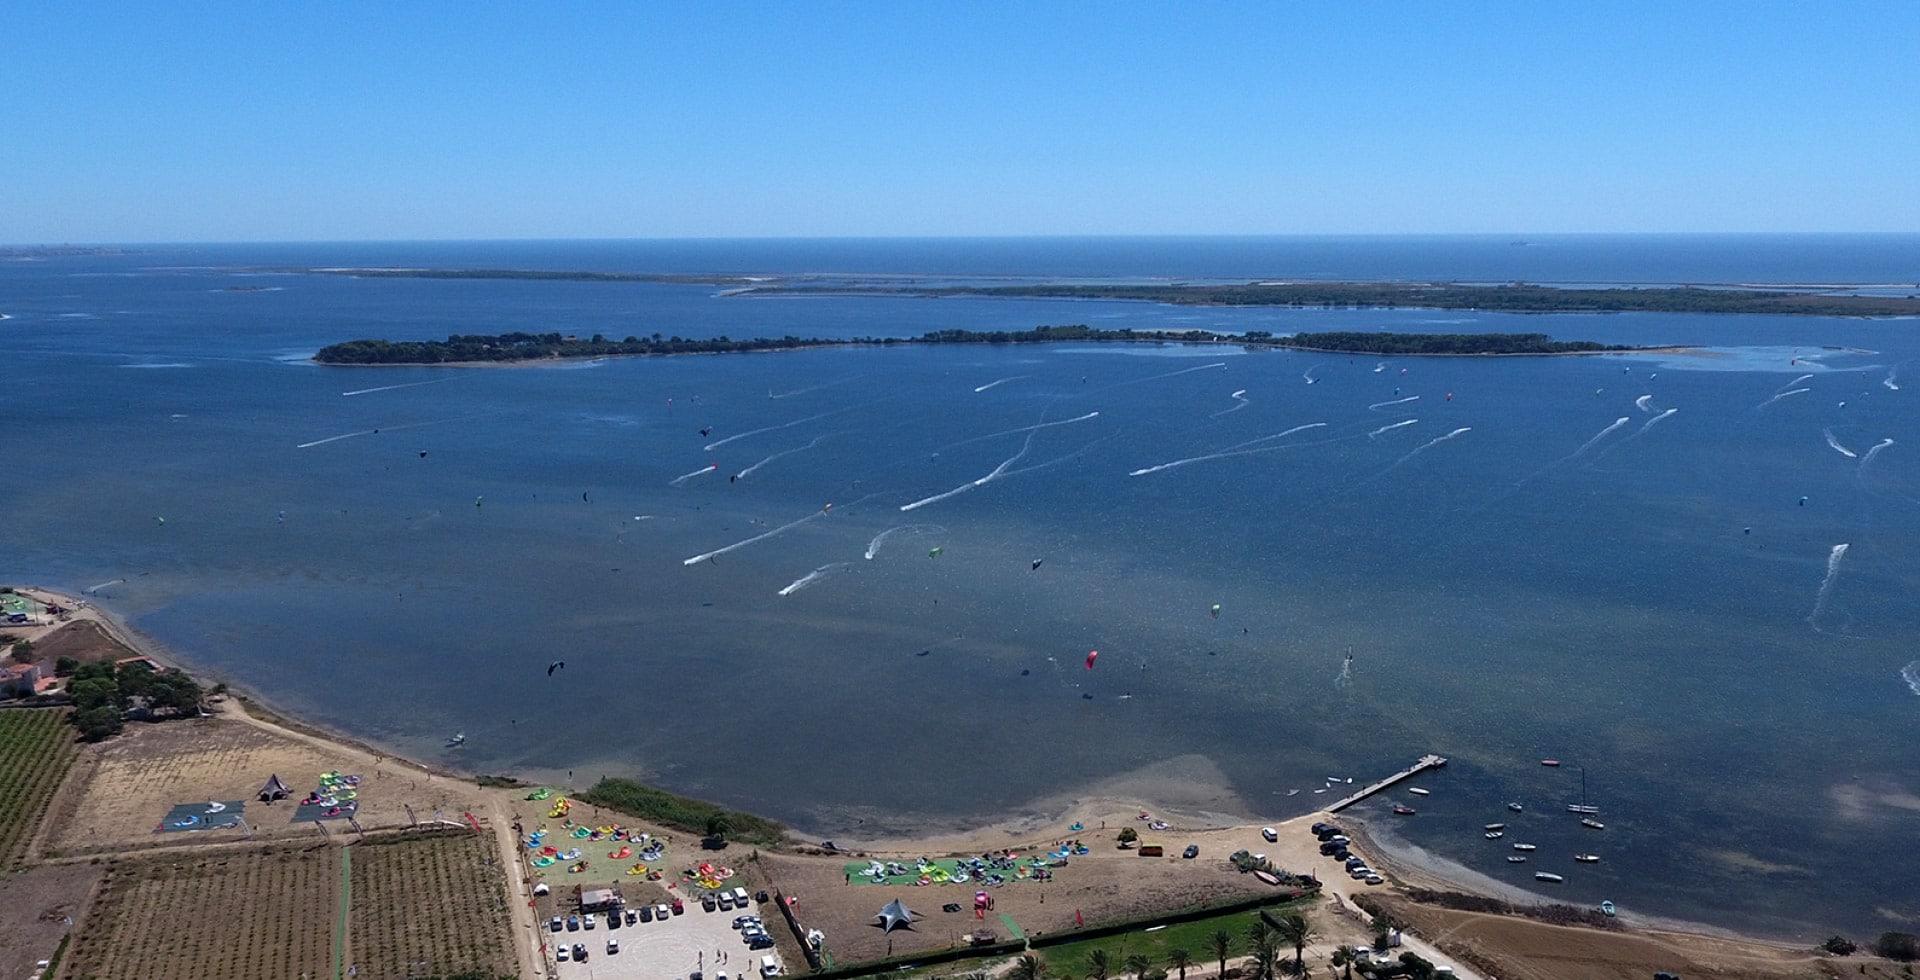 kitesurf-lo-stagnone-flow-kite-school-drone-2